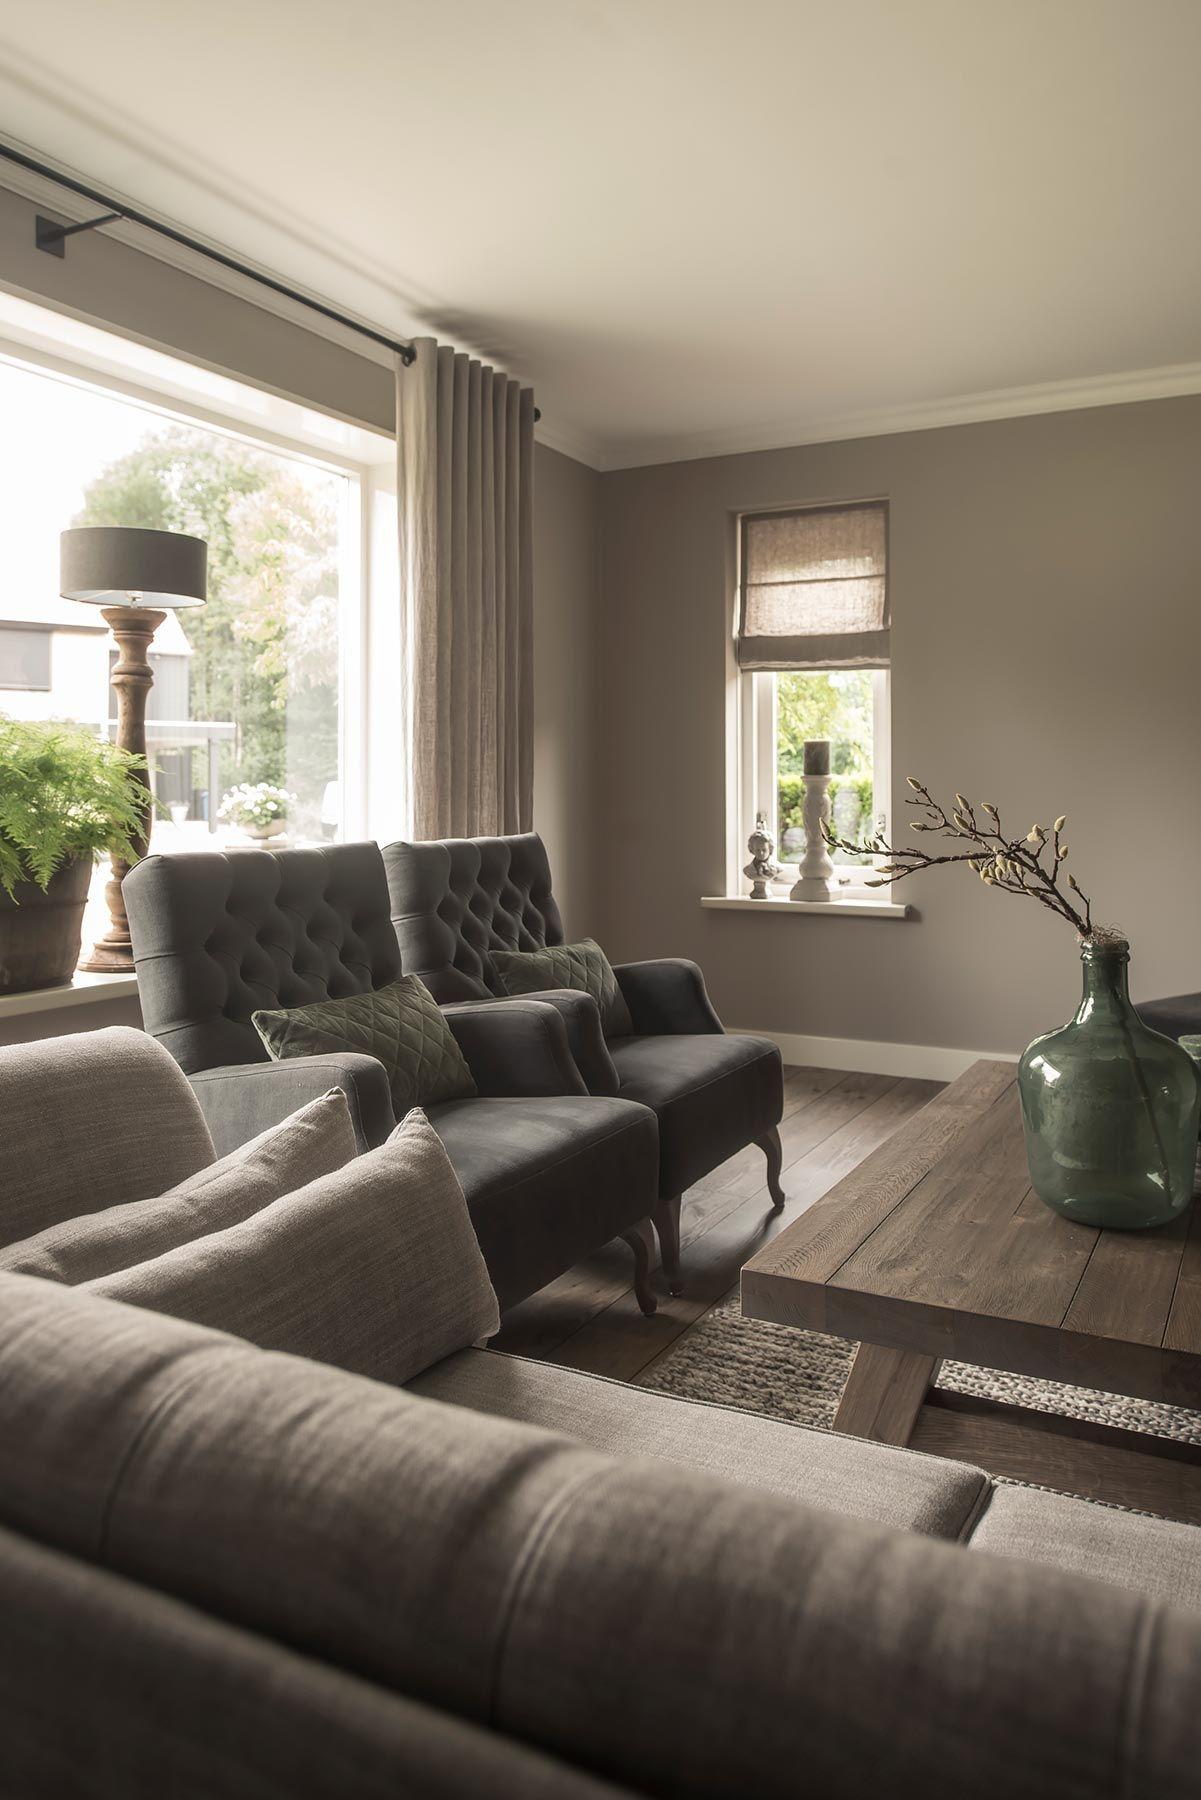 Landelijke fauteuils gecapitonneerd int rieur idee n for Huis interieur ideeen